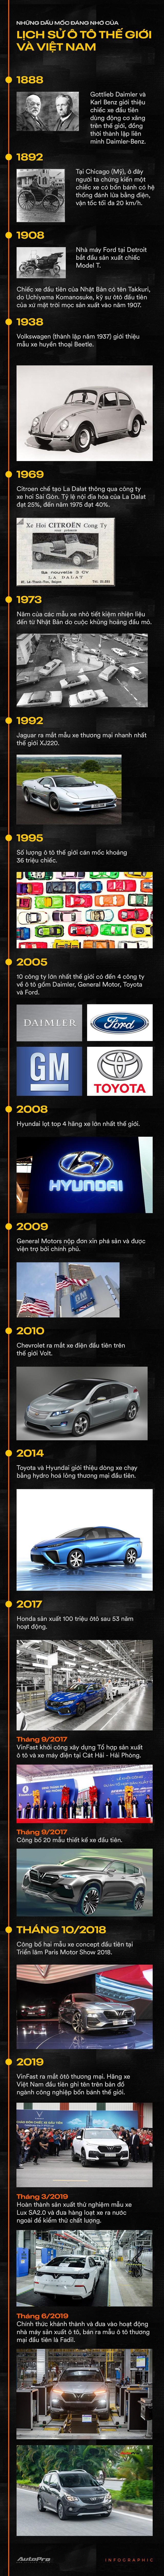 VinFast chính thức viết tên mình vào lịch sử ngành công nghiệp ô tô thế giới - Ảnh 2.